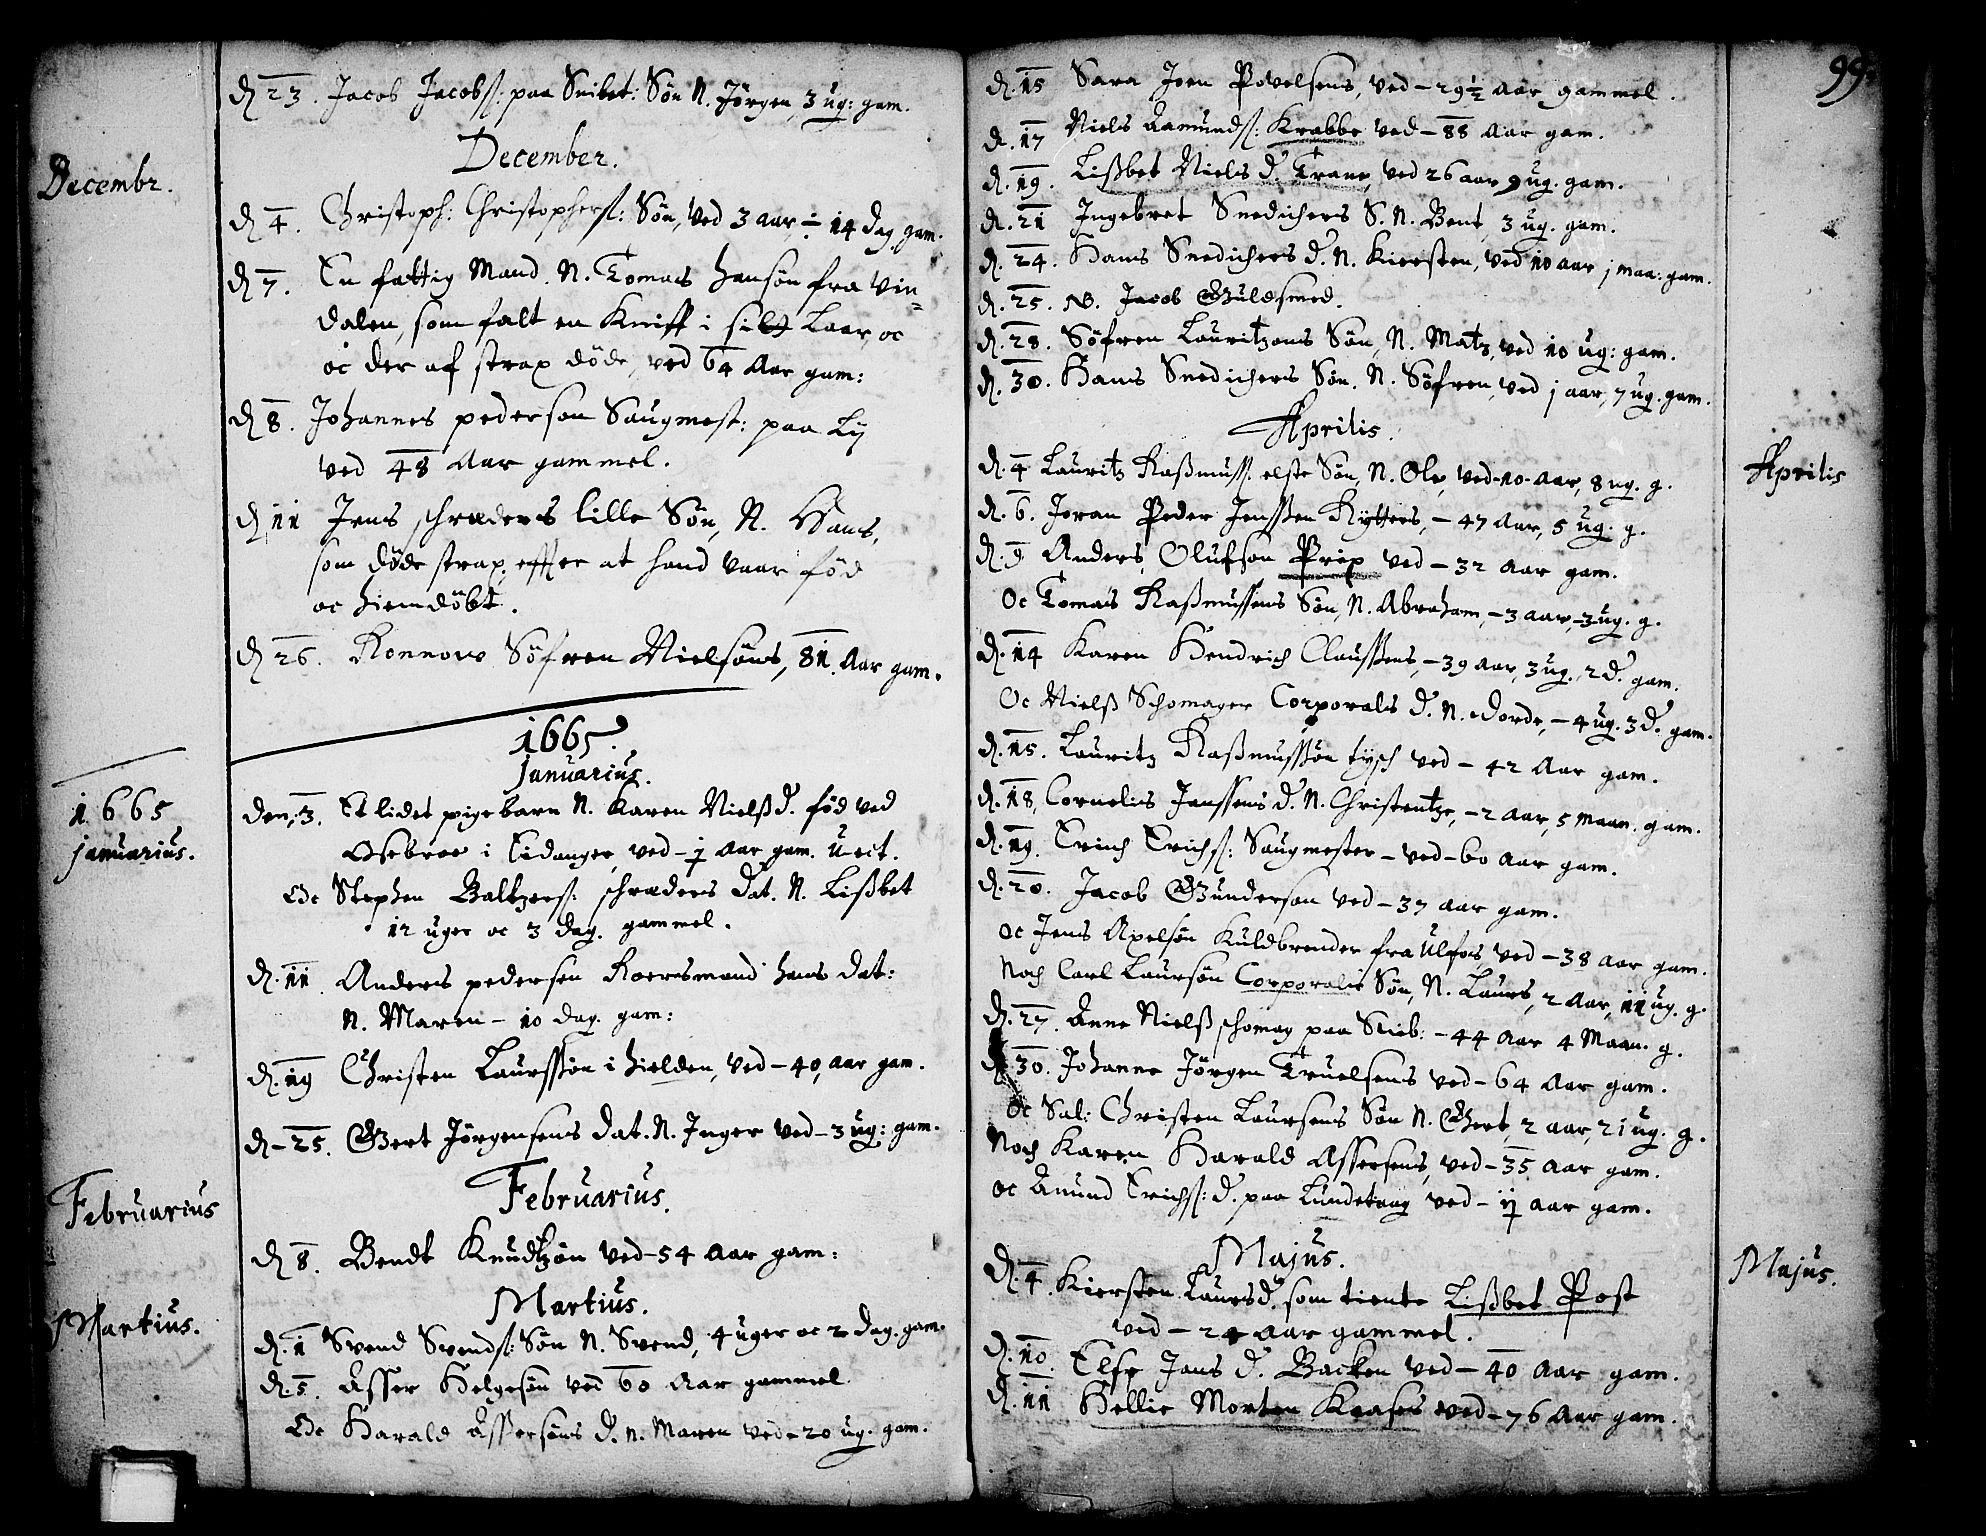 SAKO, Skien kirkebøker, F/Fa/L0001: Ministerialbok nr. 1, 1659-1679, s. 99